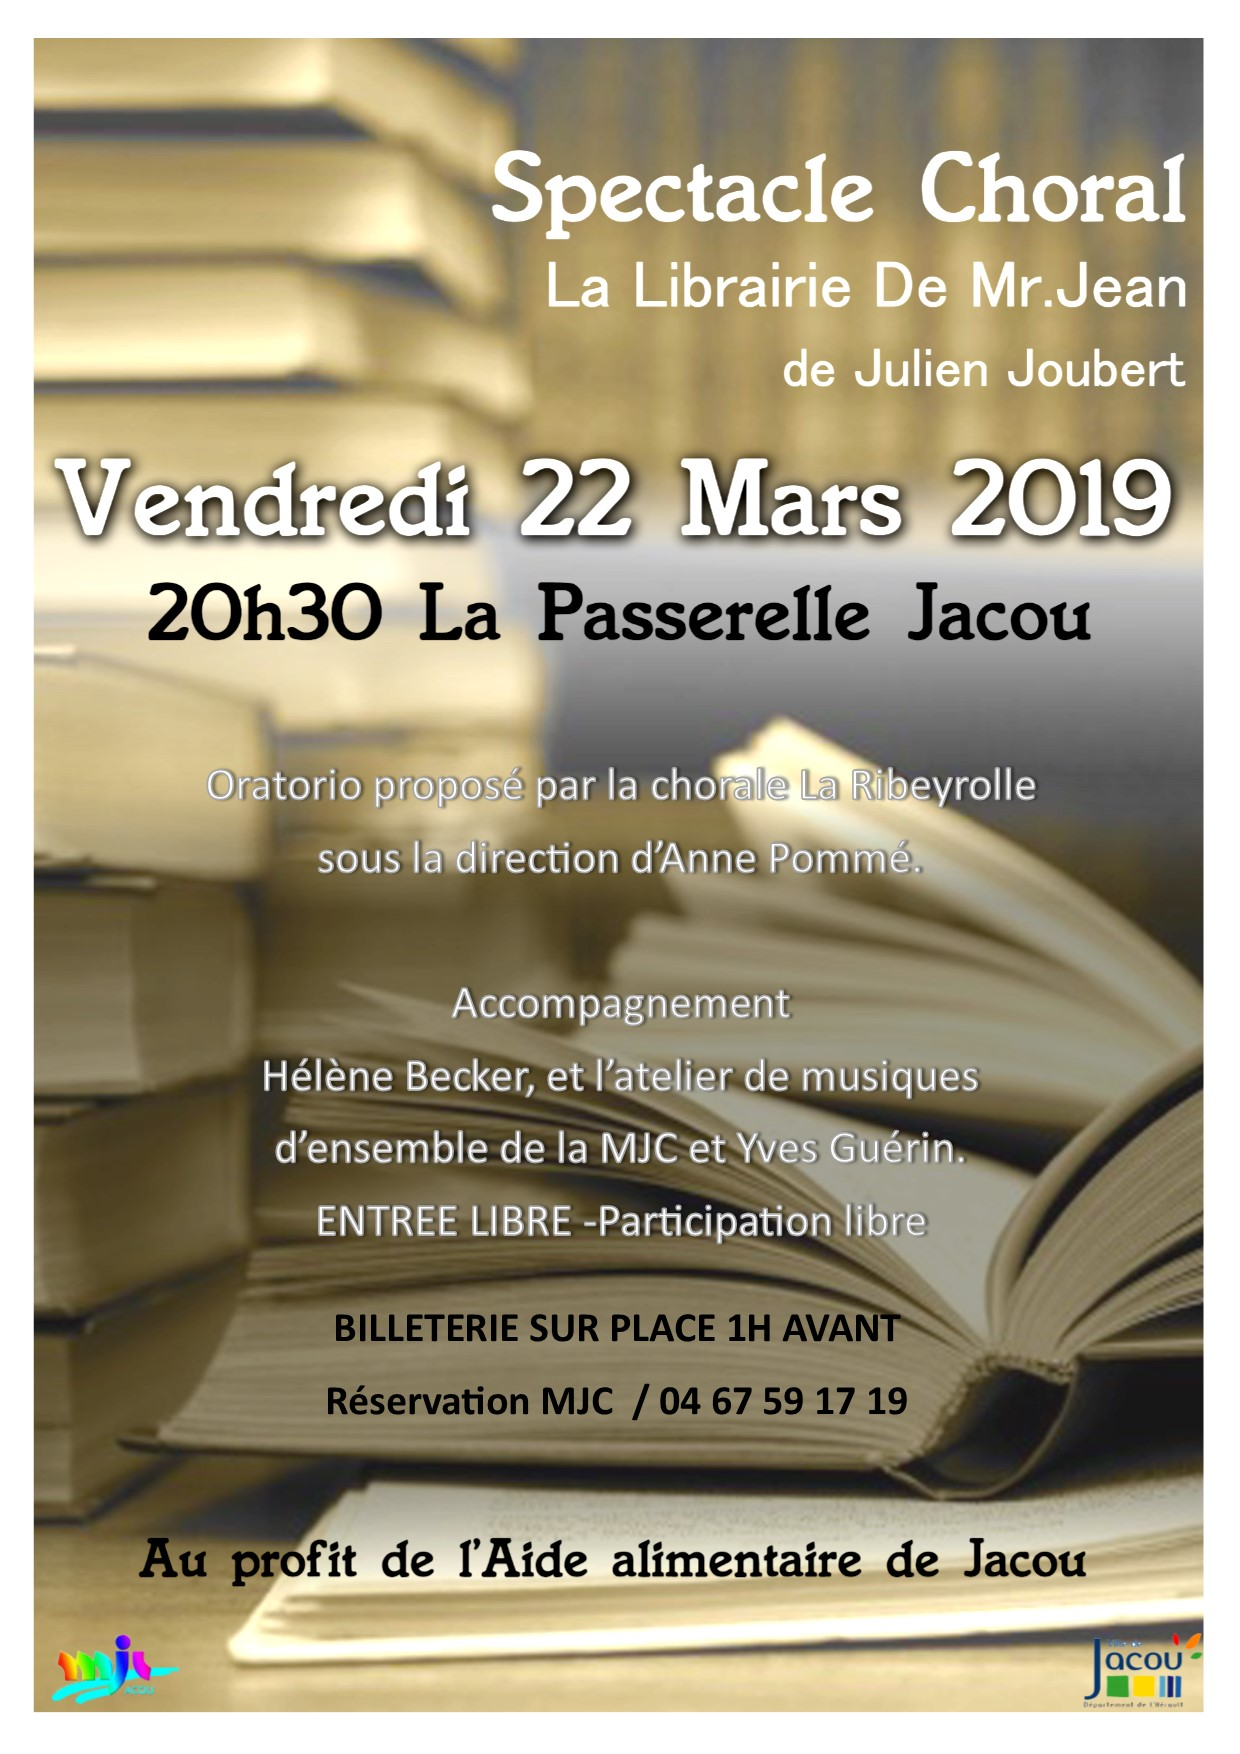 « La librairie de Monsieur Jean »